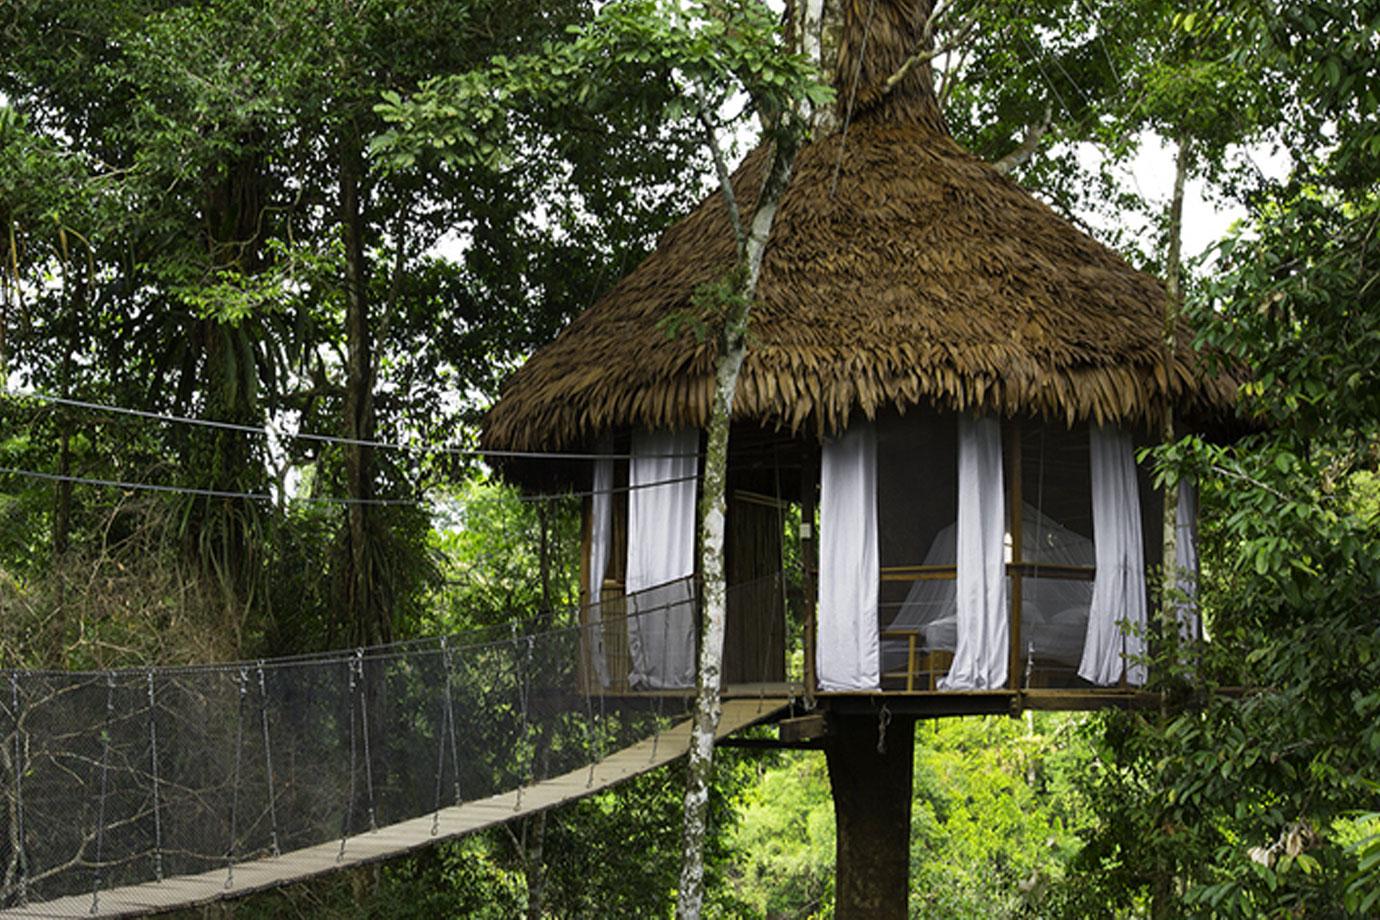 Hình ảnh ngôi nhà trên cây độc lạ